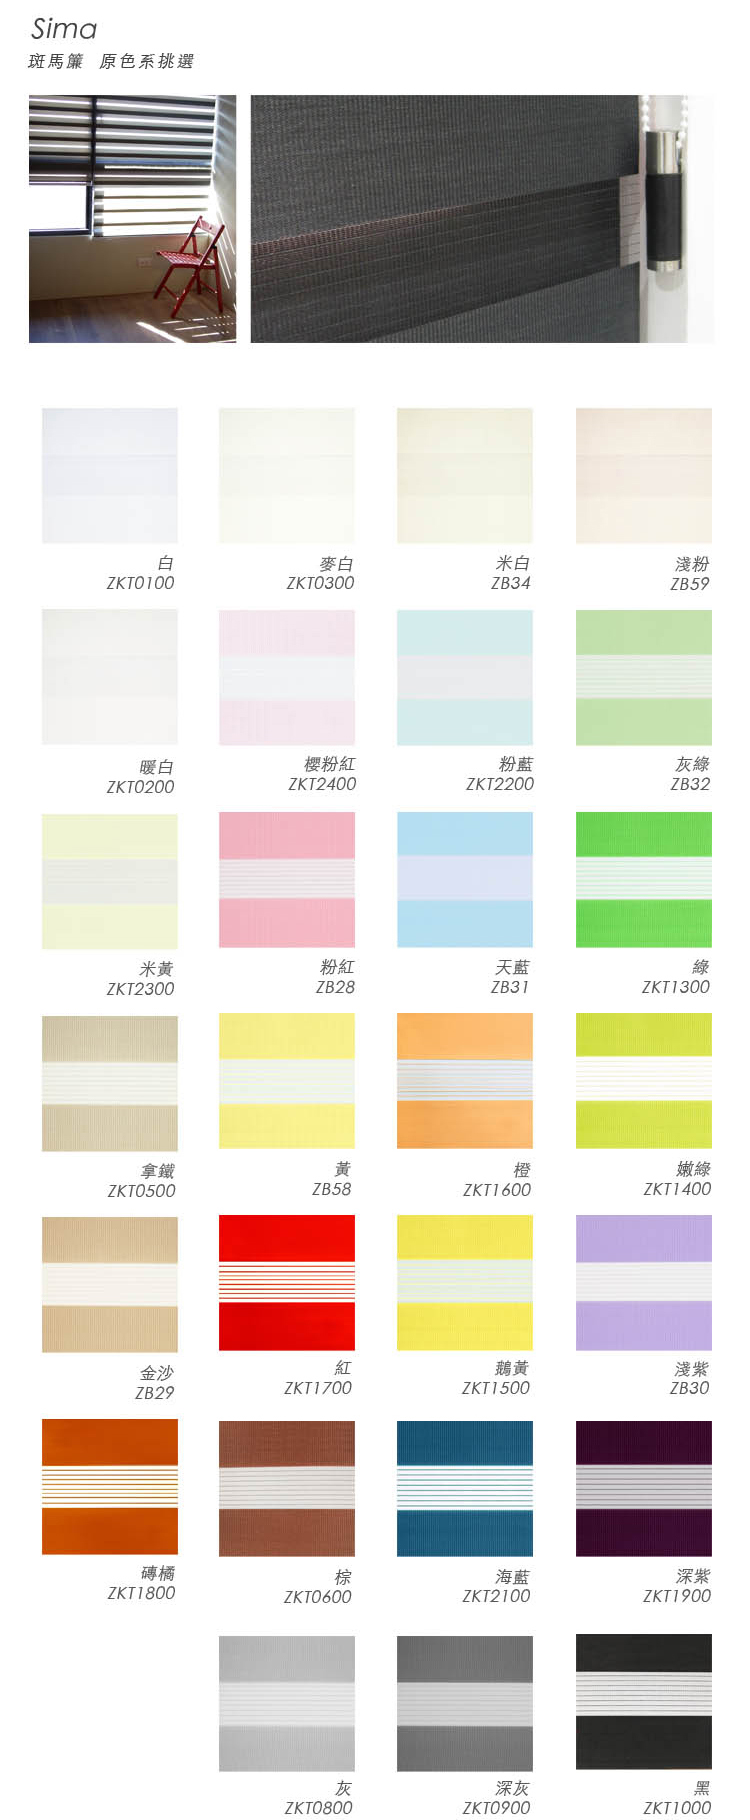 Sima 4 - [商品資訊] Sima斑馬簾 原色系/亞麻色系  寬250cm以內 × 高300cm以內可指定